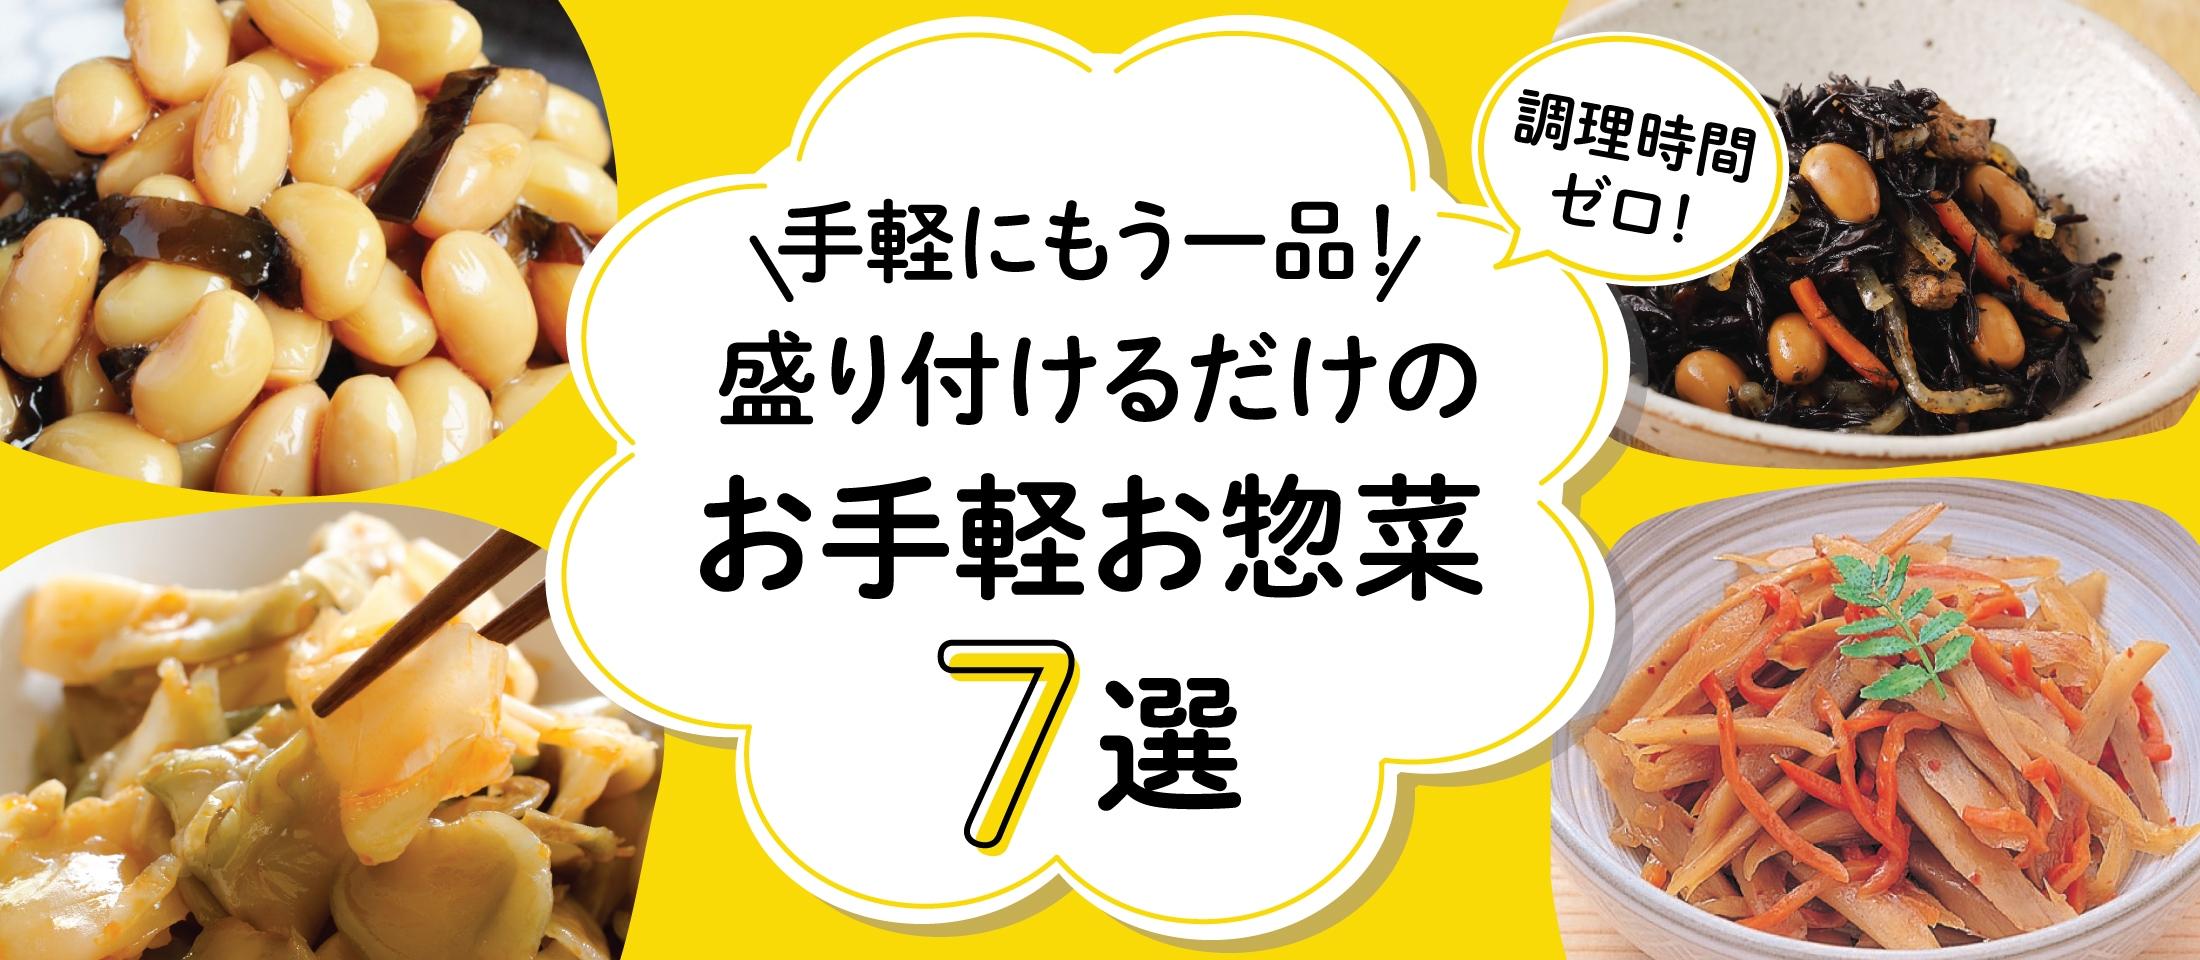 手軽にのもう一品!お手軽お惣菜特集7選  業務用食品・冷凍食品の通販 |ナカヤマフーズ